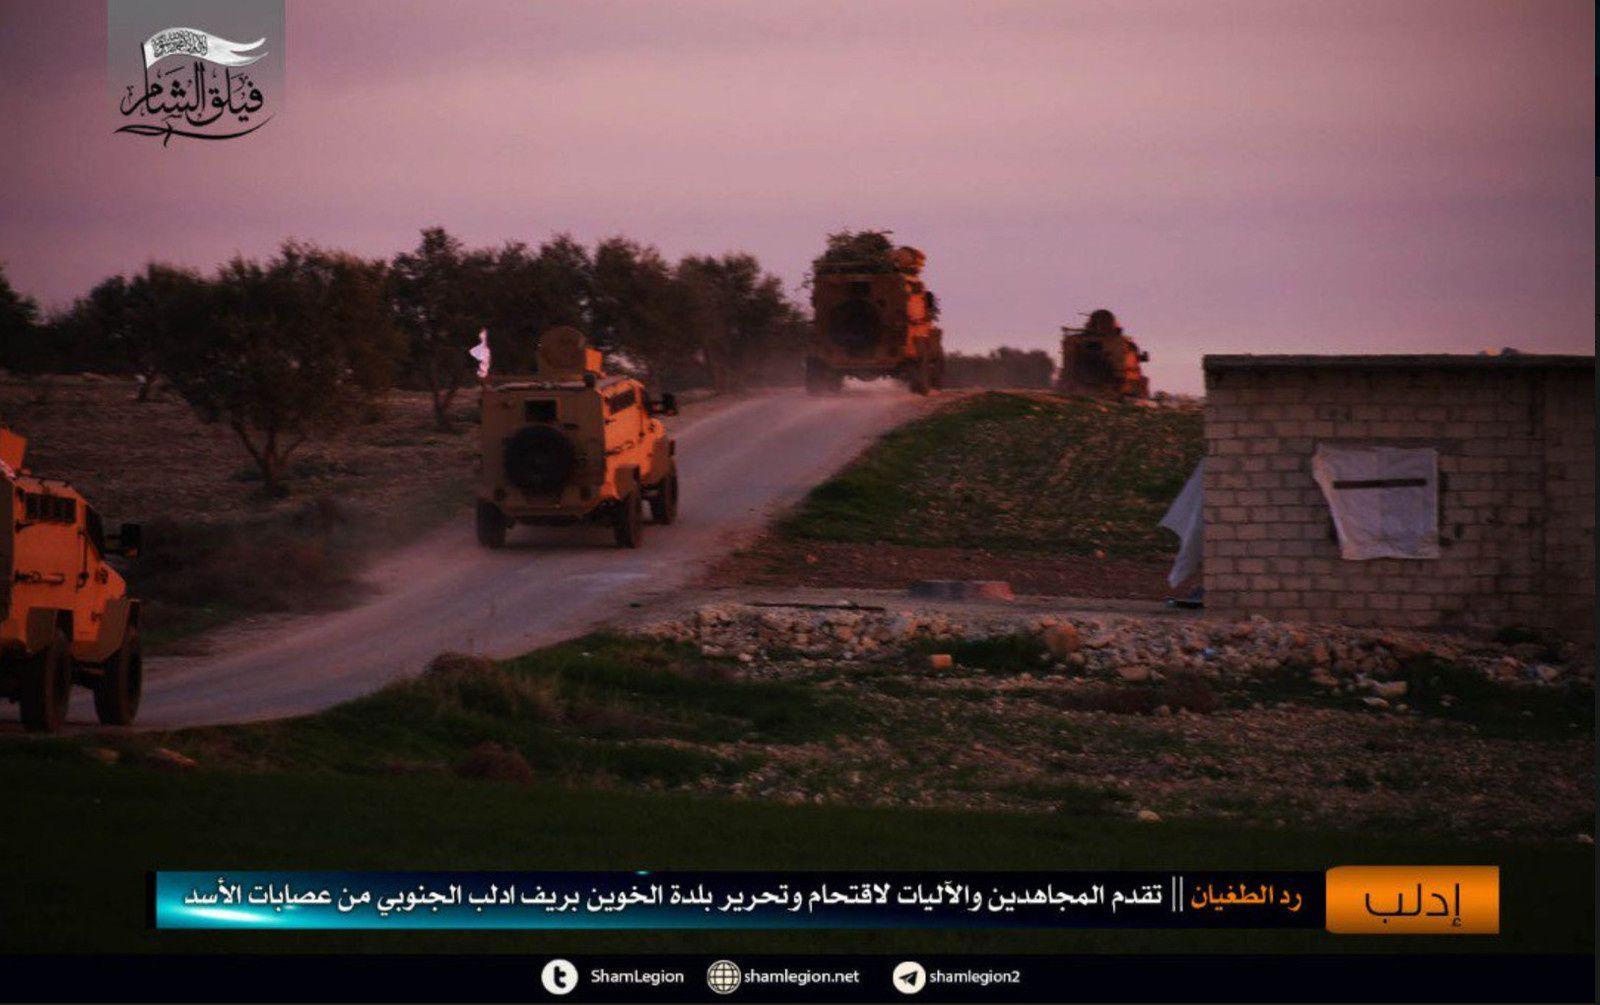 Syrie - Erdogan change (encore) de camp - et délivre du nouveau matériel militaire pour les attaques terroristes (Moon of Alabama)